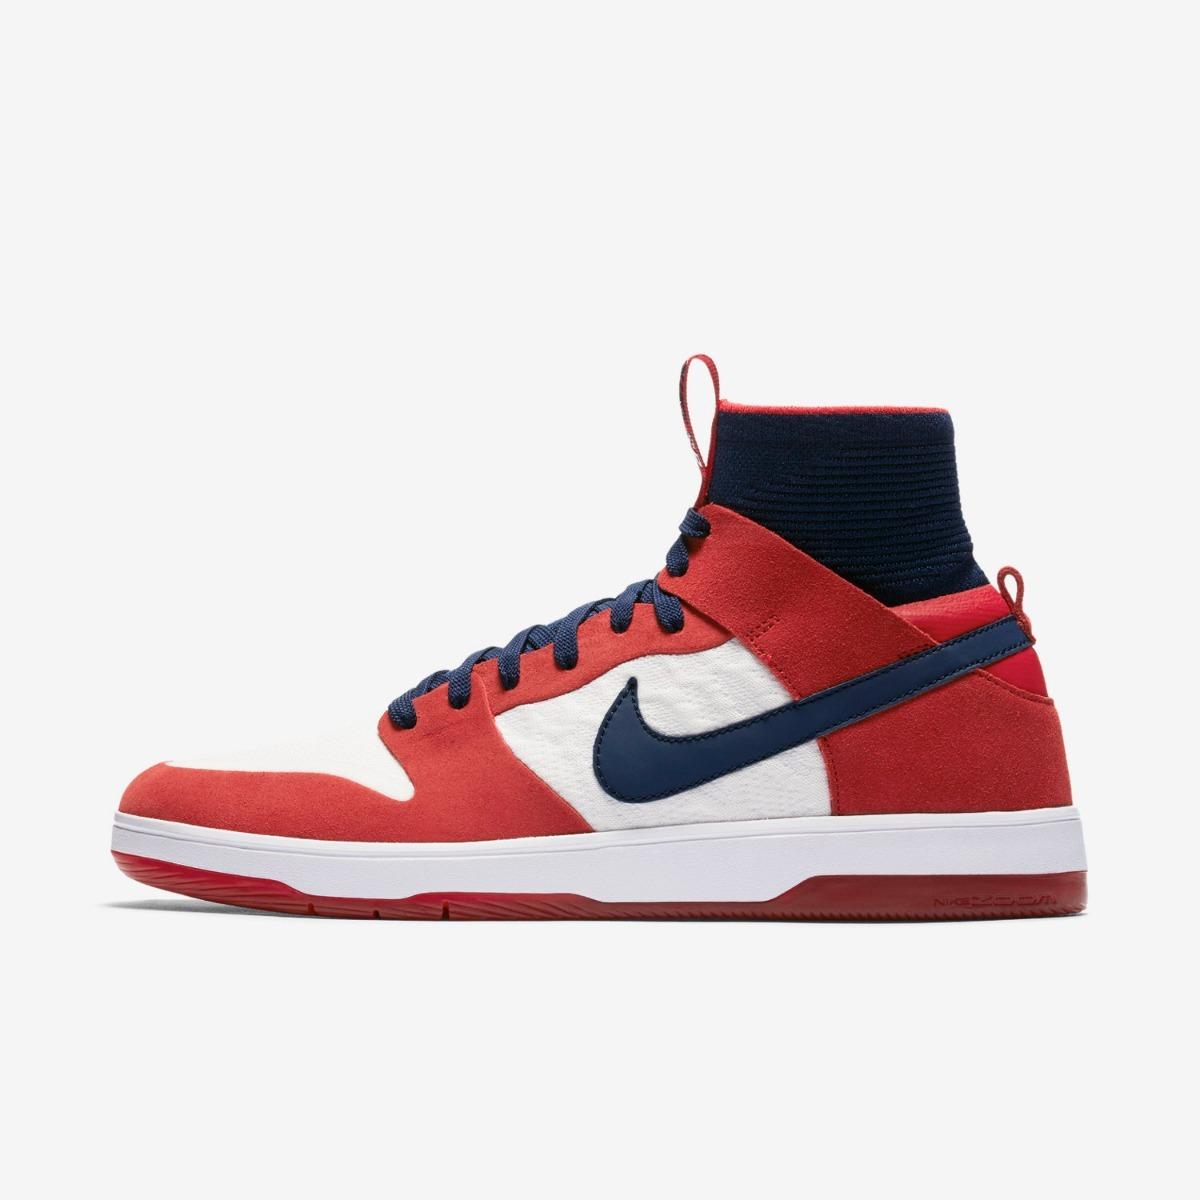 purchase cheap 6f511 c6c6b ... greece zapatillas nike sb dunk high elite pro rojas nuevas original.  cargando zoom. f1826